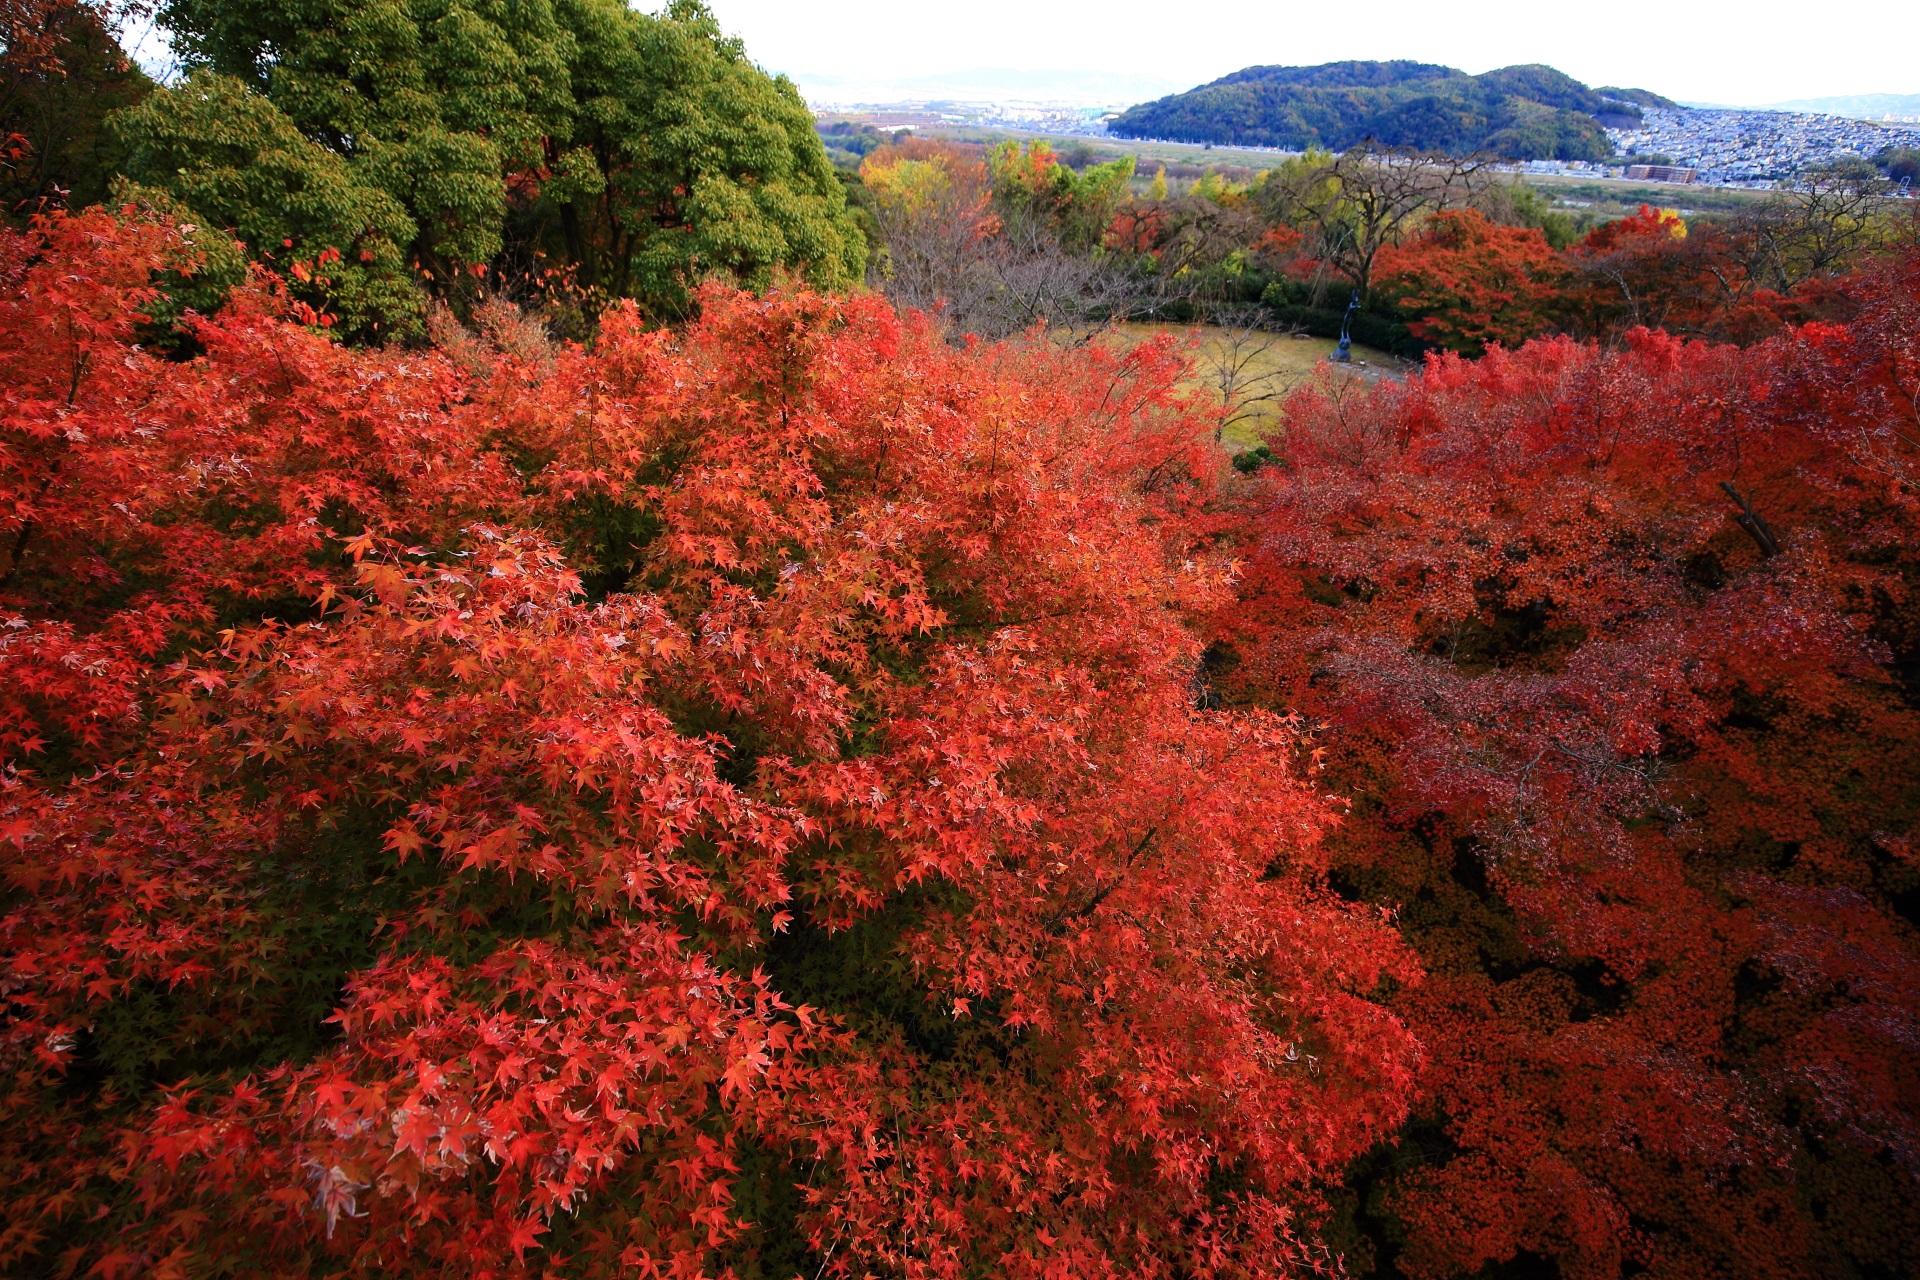 大山崎山荘美術館の素晴らしい紅葉と秋の情景